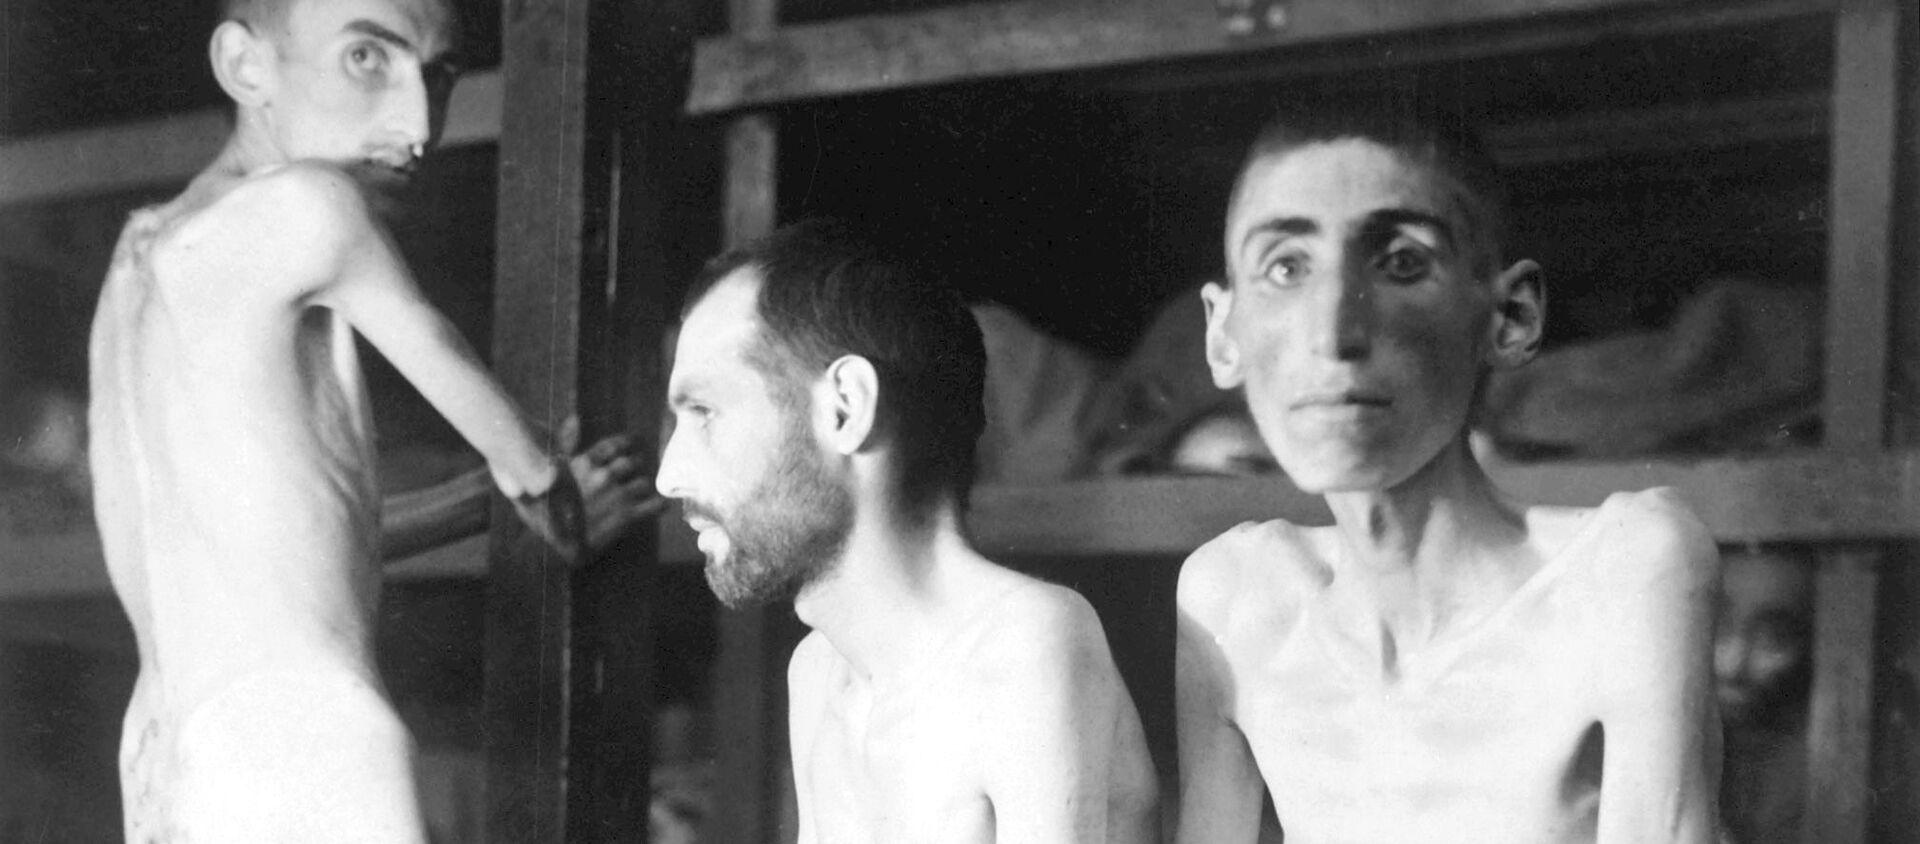 Prisioneros en un campo de concentración nazi - Sputnik Mundo, 1920, 23.01.2020